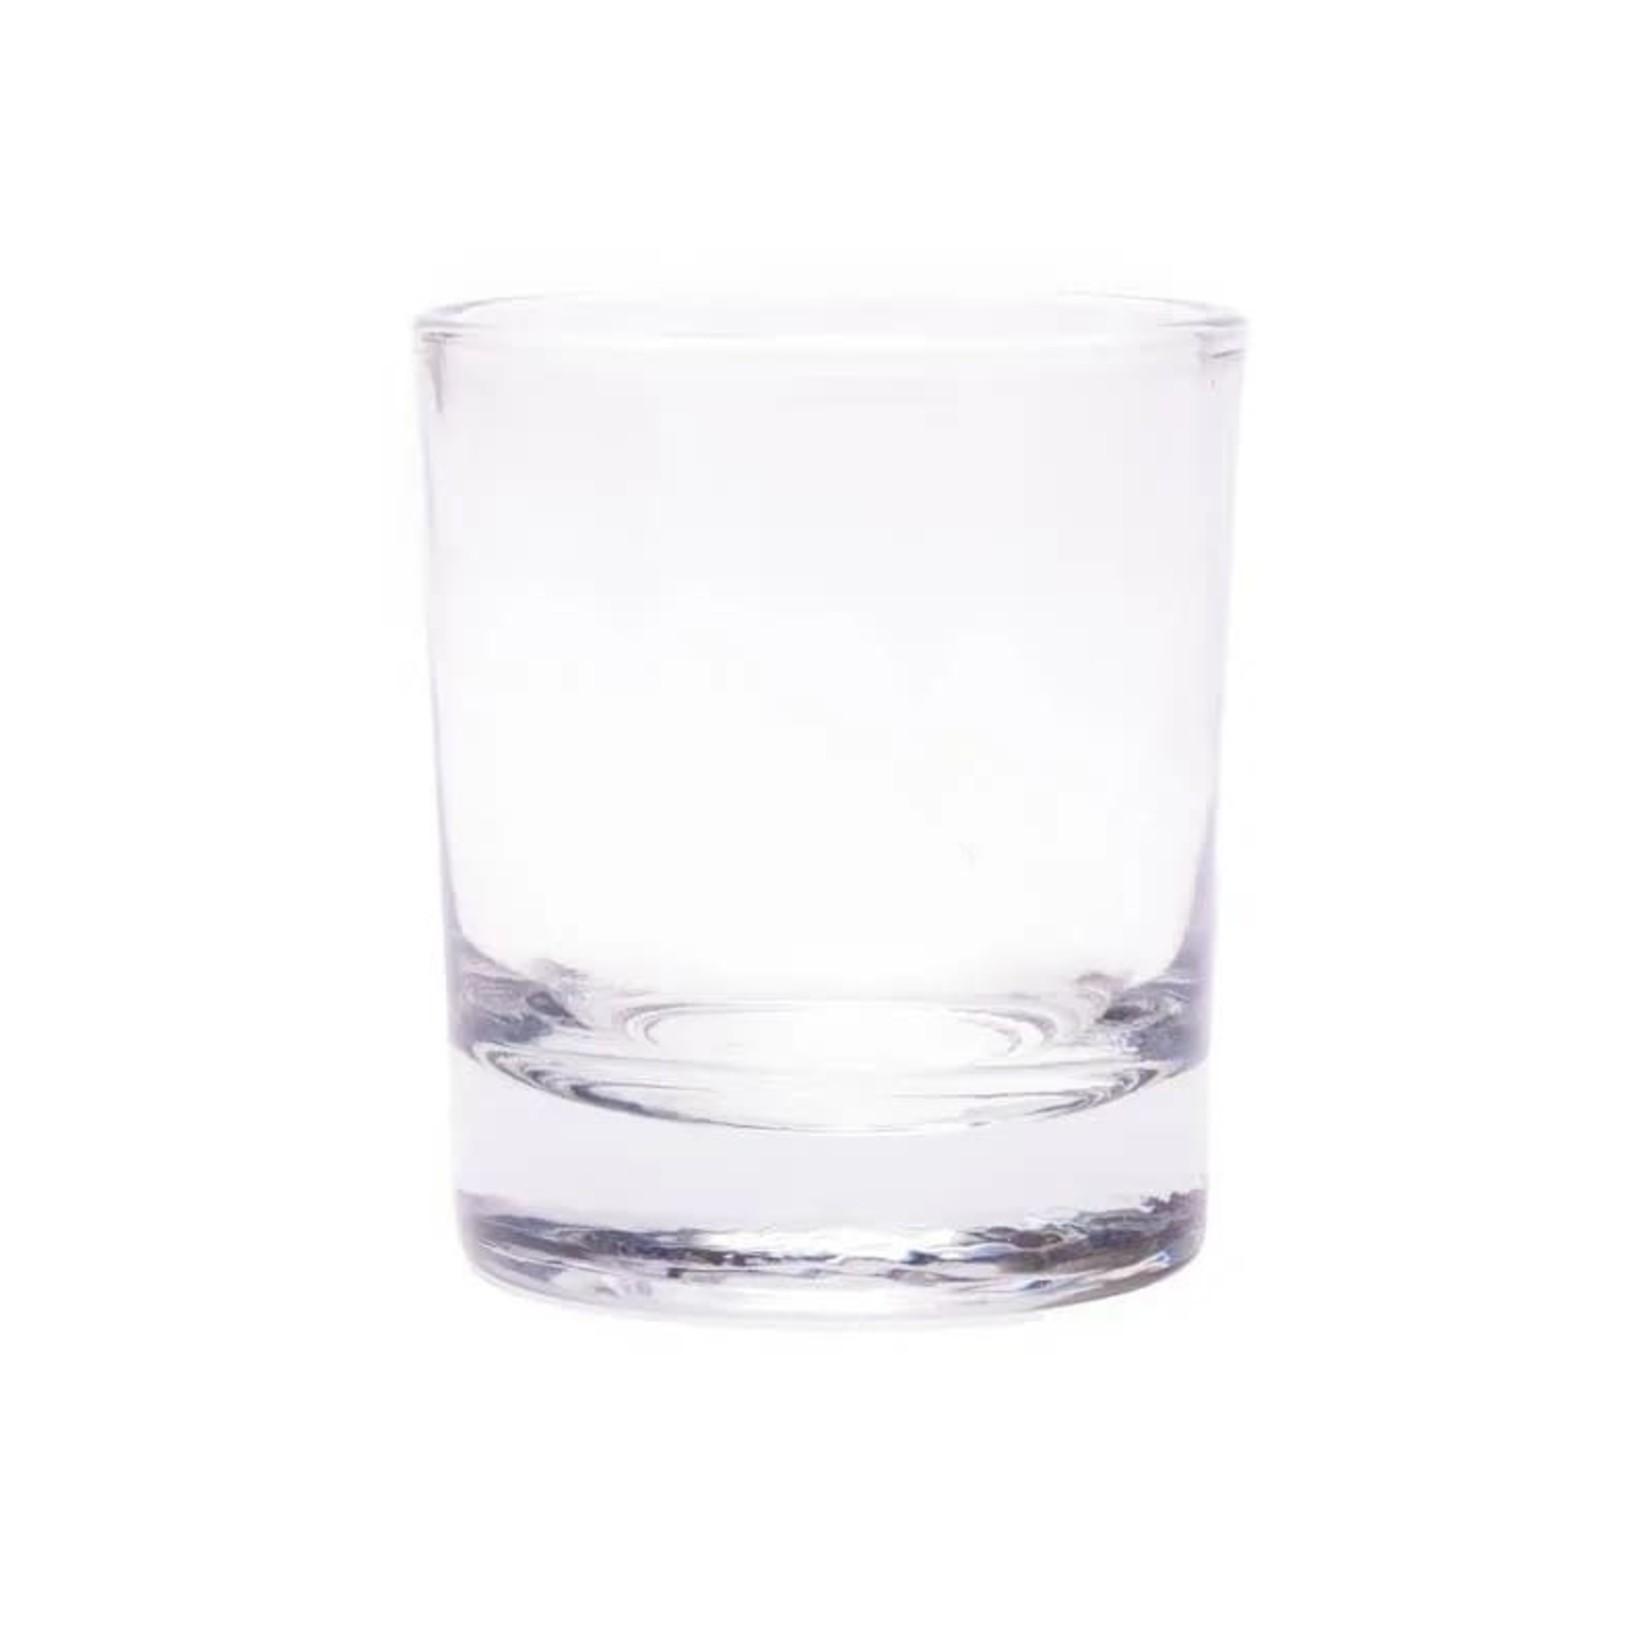 Yogi & yogini naturals Glaasje voor geurkaarsjes van gerecycleerd glas